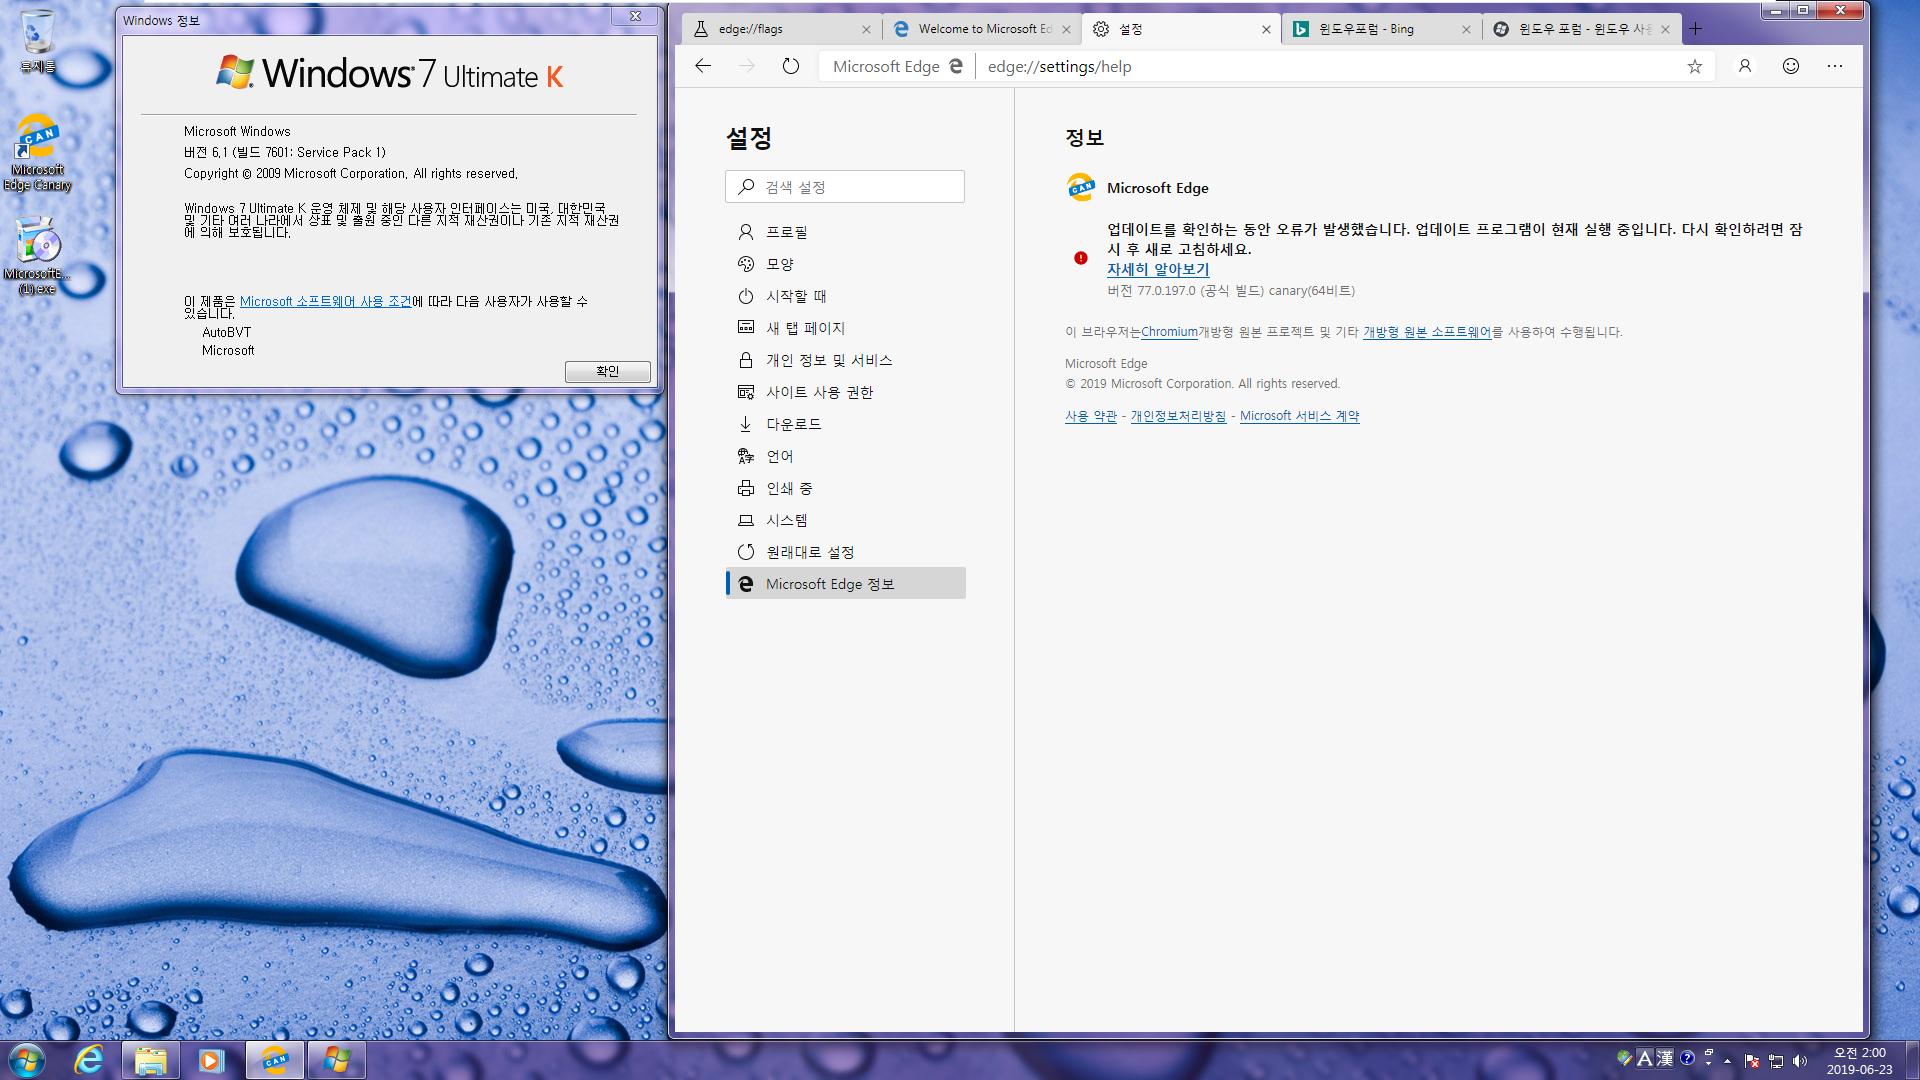 크로미엄 기반 엣지 - 윈도7 에 버전 77.0.197.0 (공식 빌드) canary(64비트) 설치해봤습니다 - 2번째 - 한국어로 설정하기 2019-06-23_020012.png